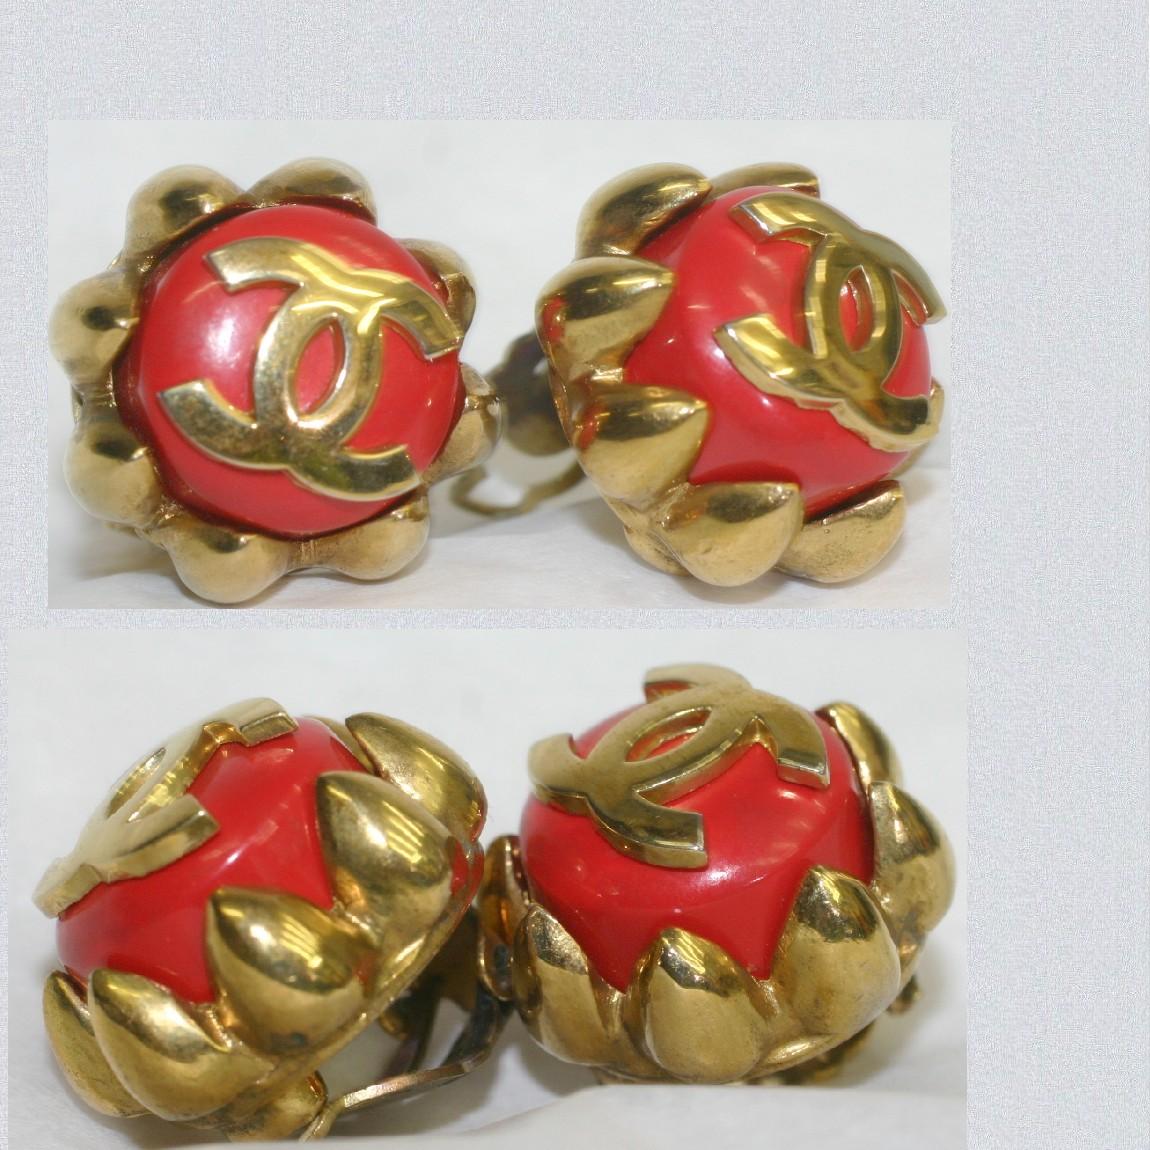 【中古】本物綺麗シャネル女性用30年位前のゴージャスなイヤリング中の朱色の石の上に金色ココマーク重さ1個17gさいずW2,4H2,4D1,2cm